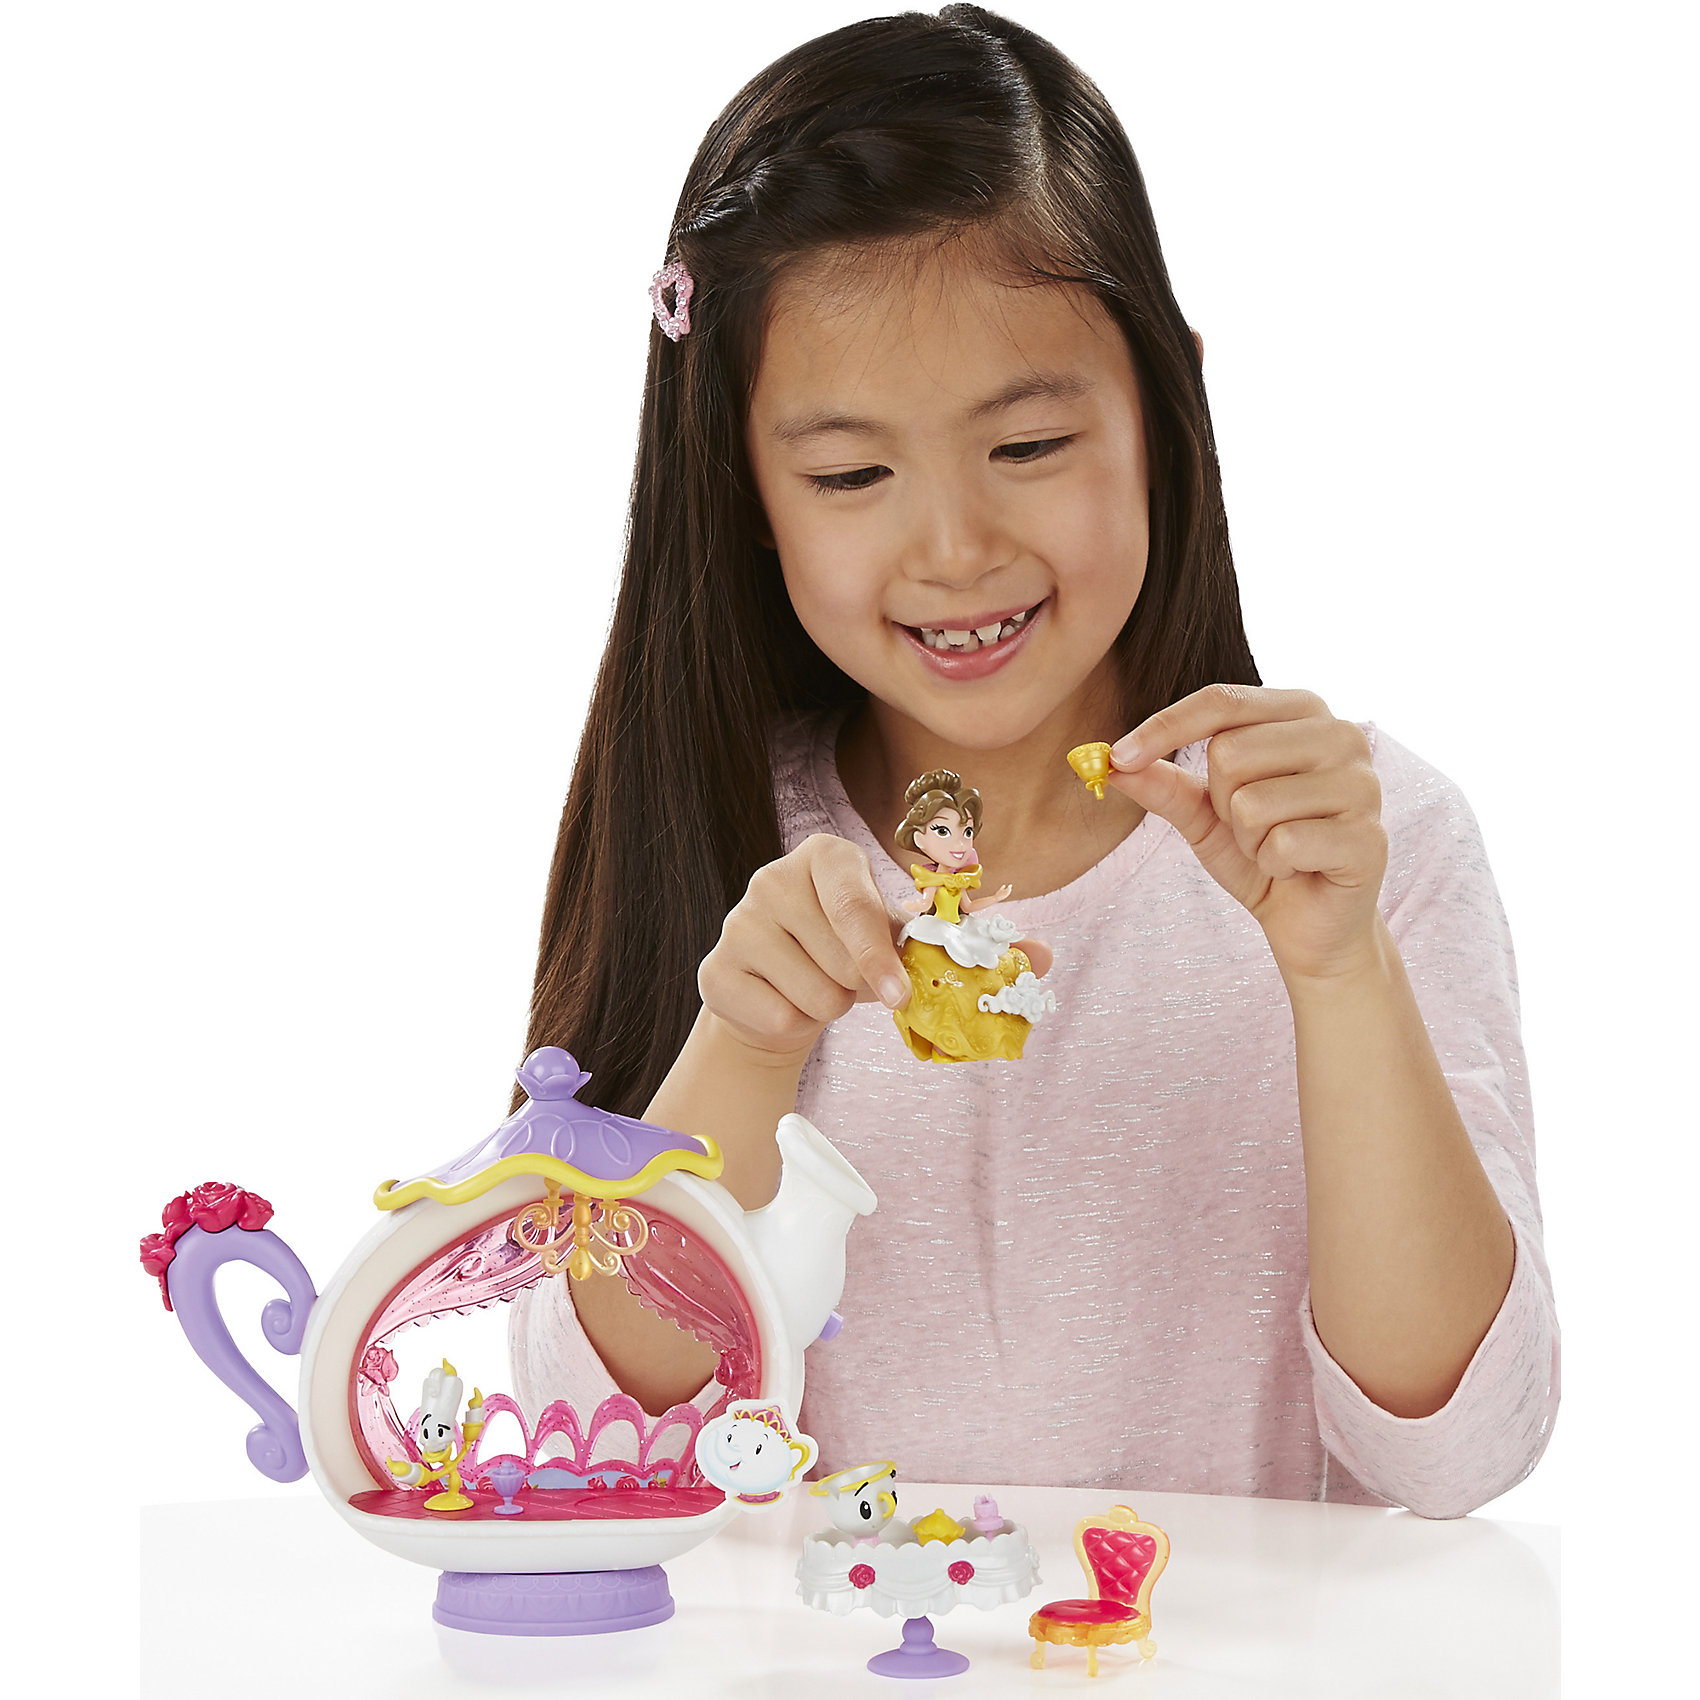 Hasbro Игровой набор Маленькая кукла Принцесса, с аксессуарами Белль, B5344/B5346 hasbro play doh игровой набор из 3 цветов цвета в ассортименте с 2 лет